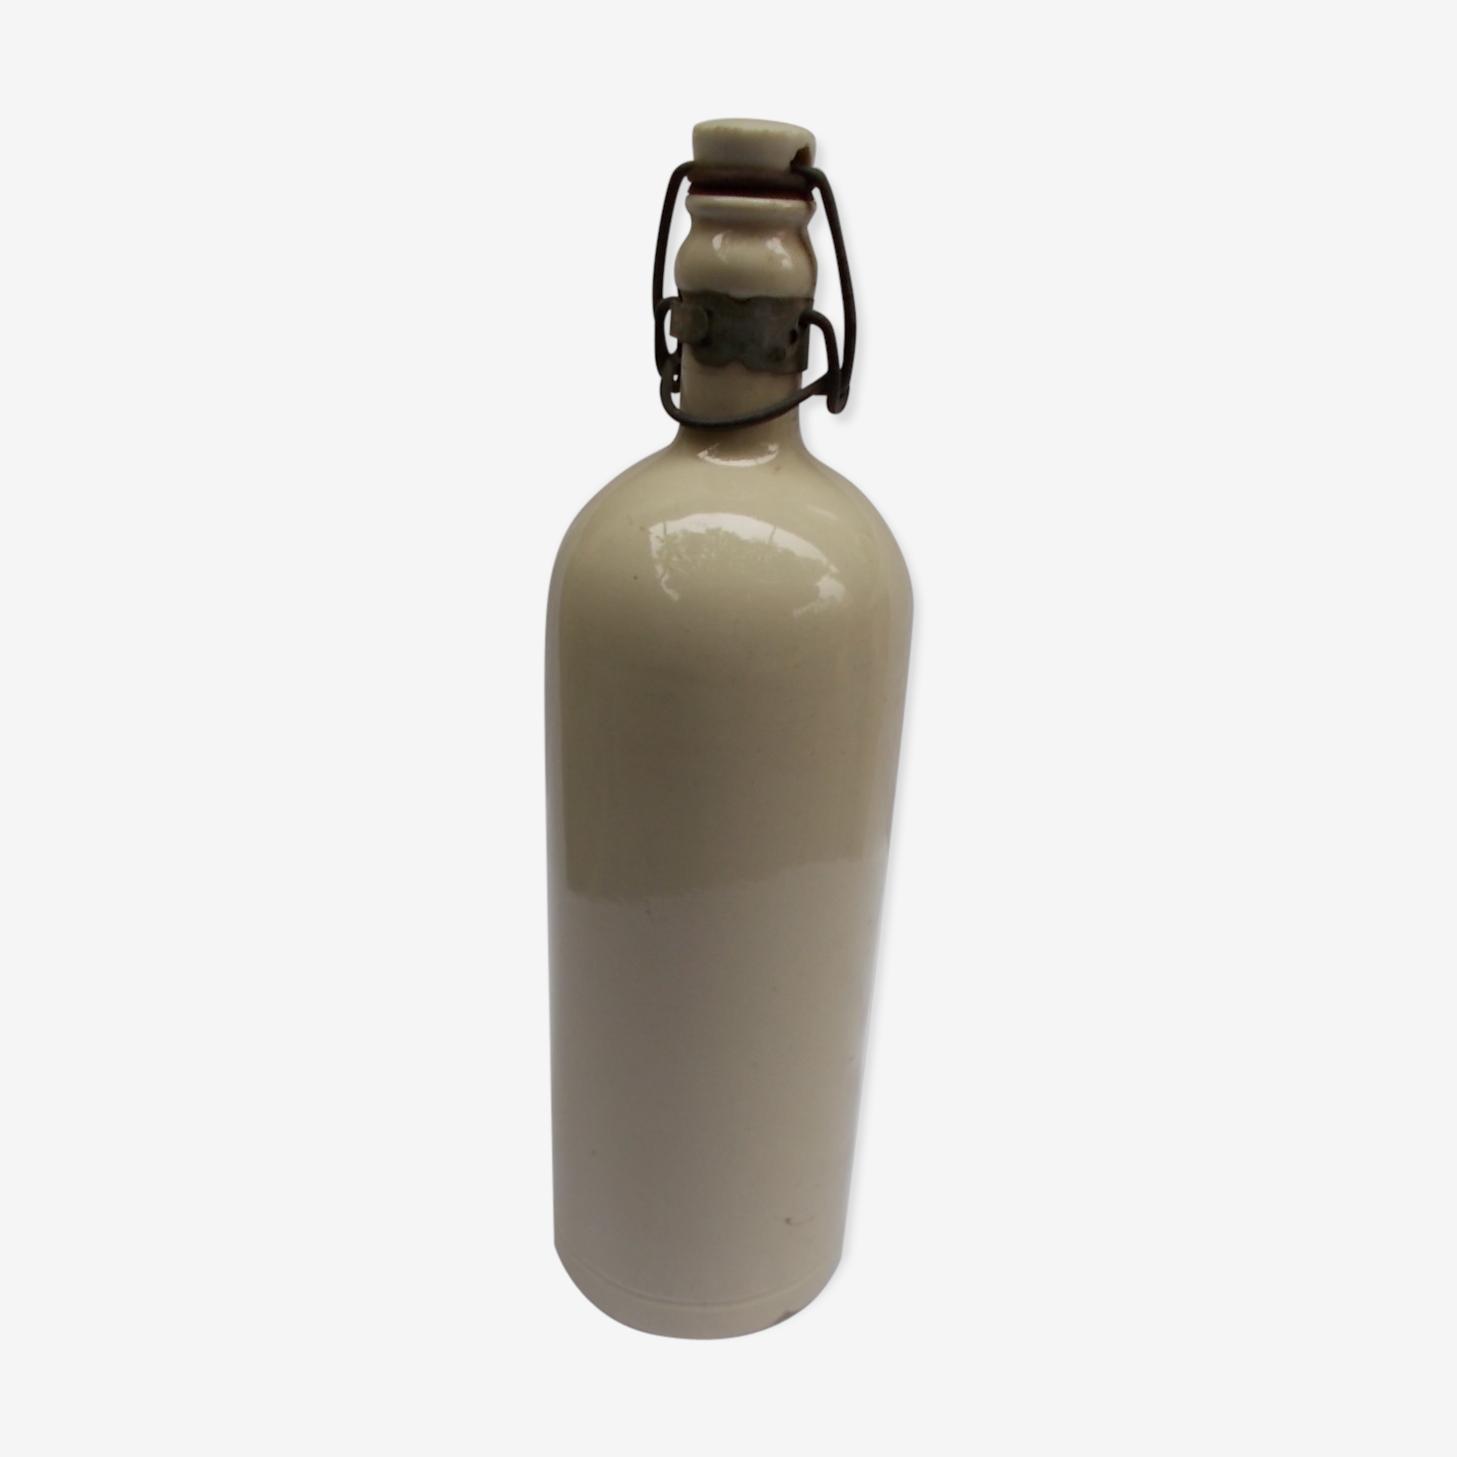 Old stoneware bottle